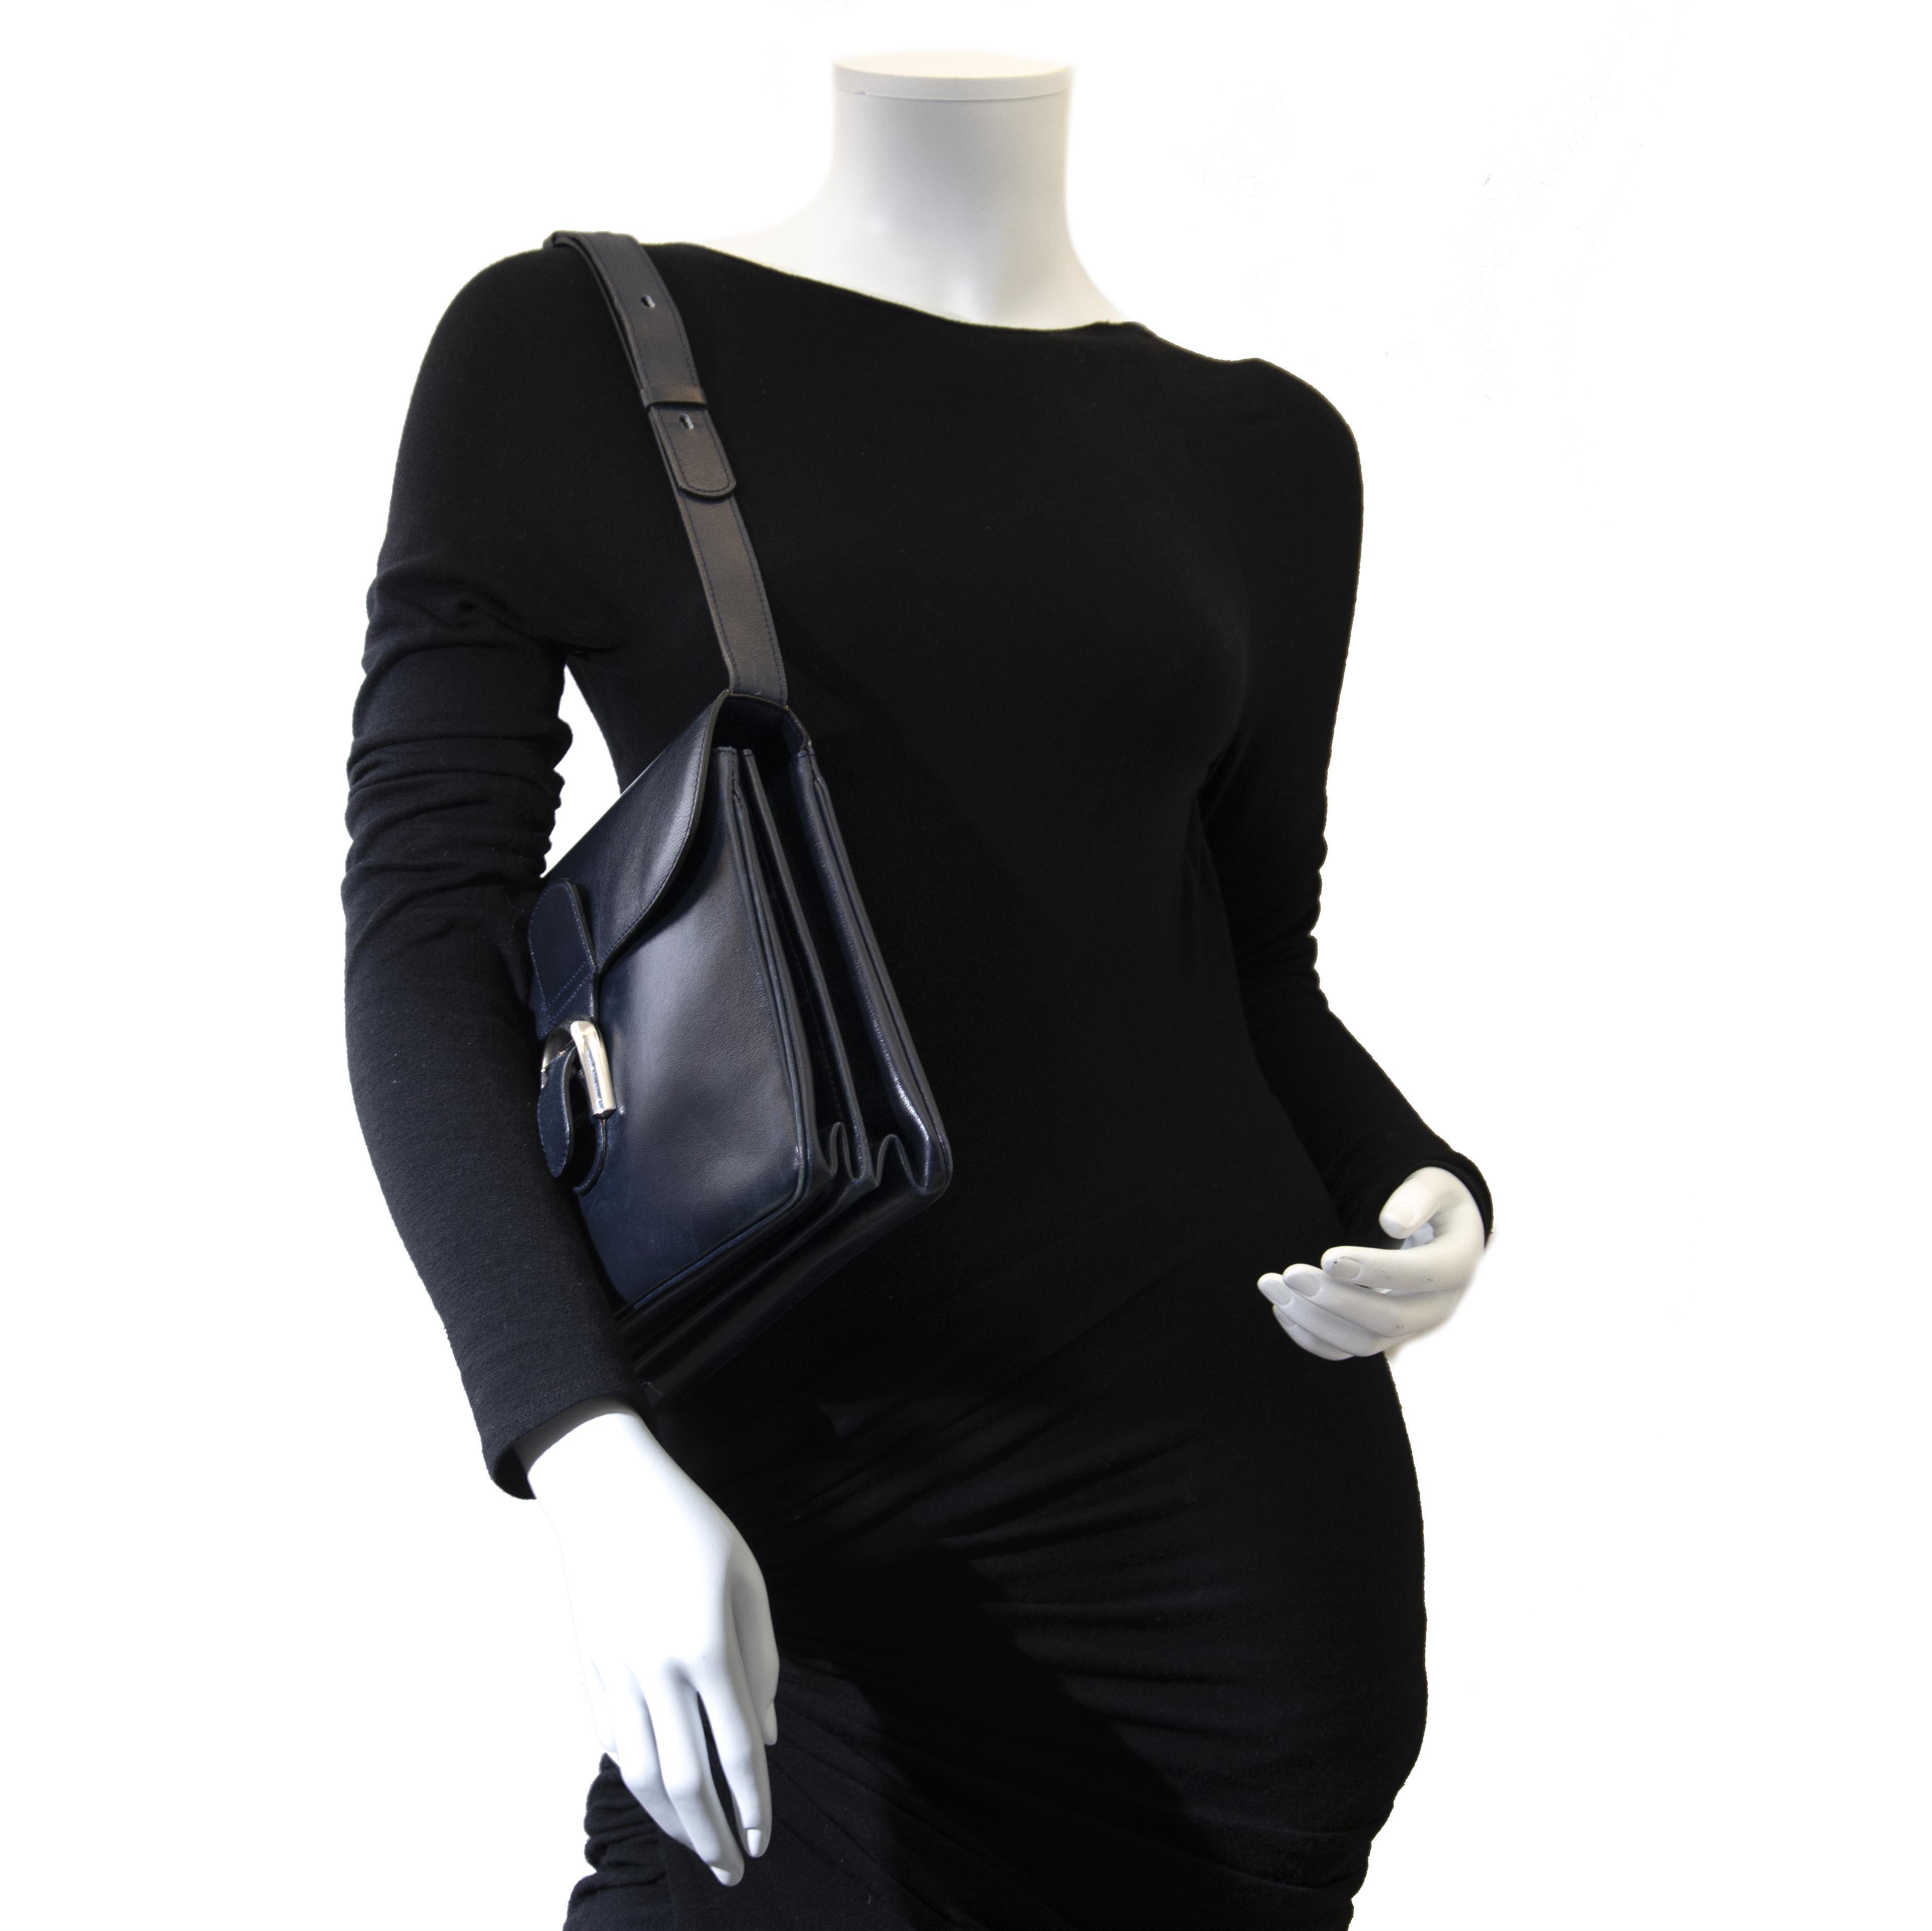 op zoek naar een Delvaux Dark Blue Brillant Boudrier  ? nu te koop bij labellov.com tegen de beste prijs